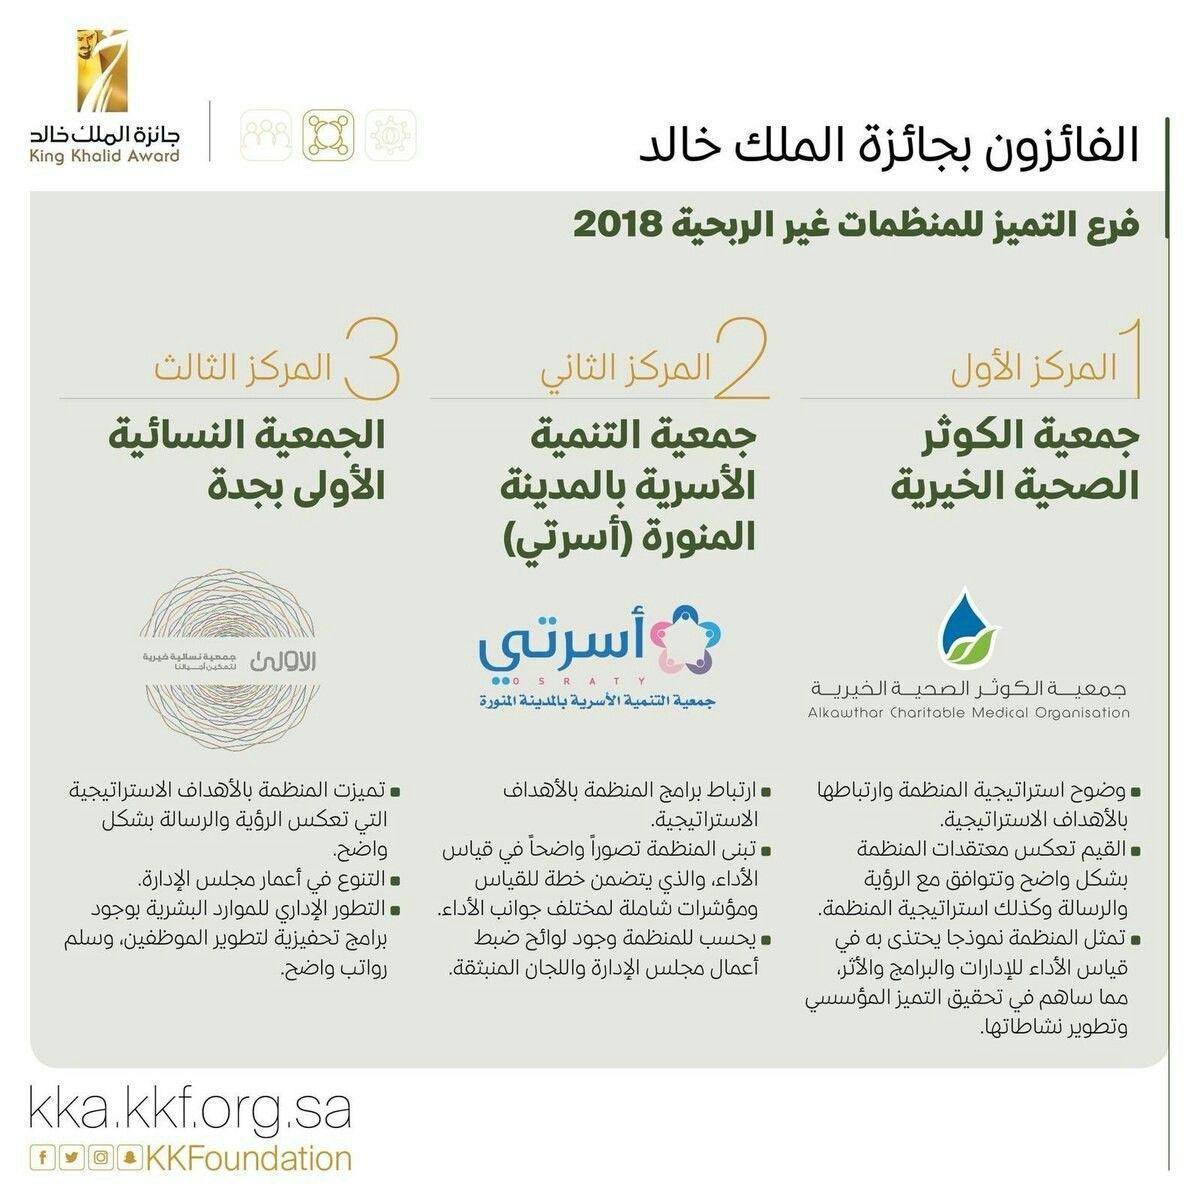 عن فرع التميز للمنظمات غير الربحية جمعية الكوثر الصحية الخيرية تحصد المركز الأول بـ جائزة الملك خالد تتبعها جمعية أسرتي Medical Organisation Charitable